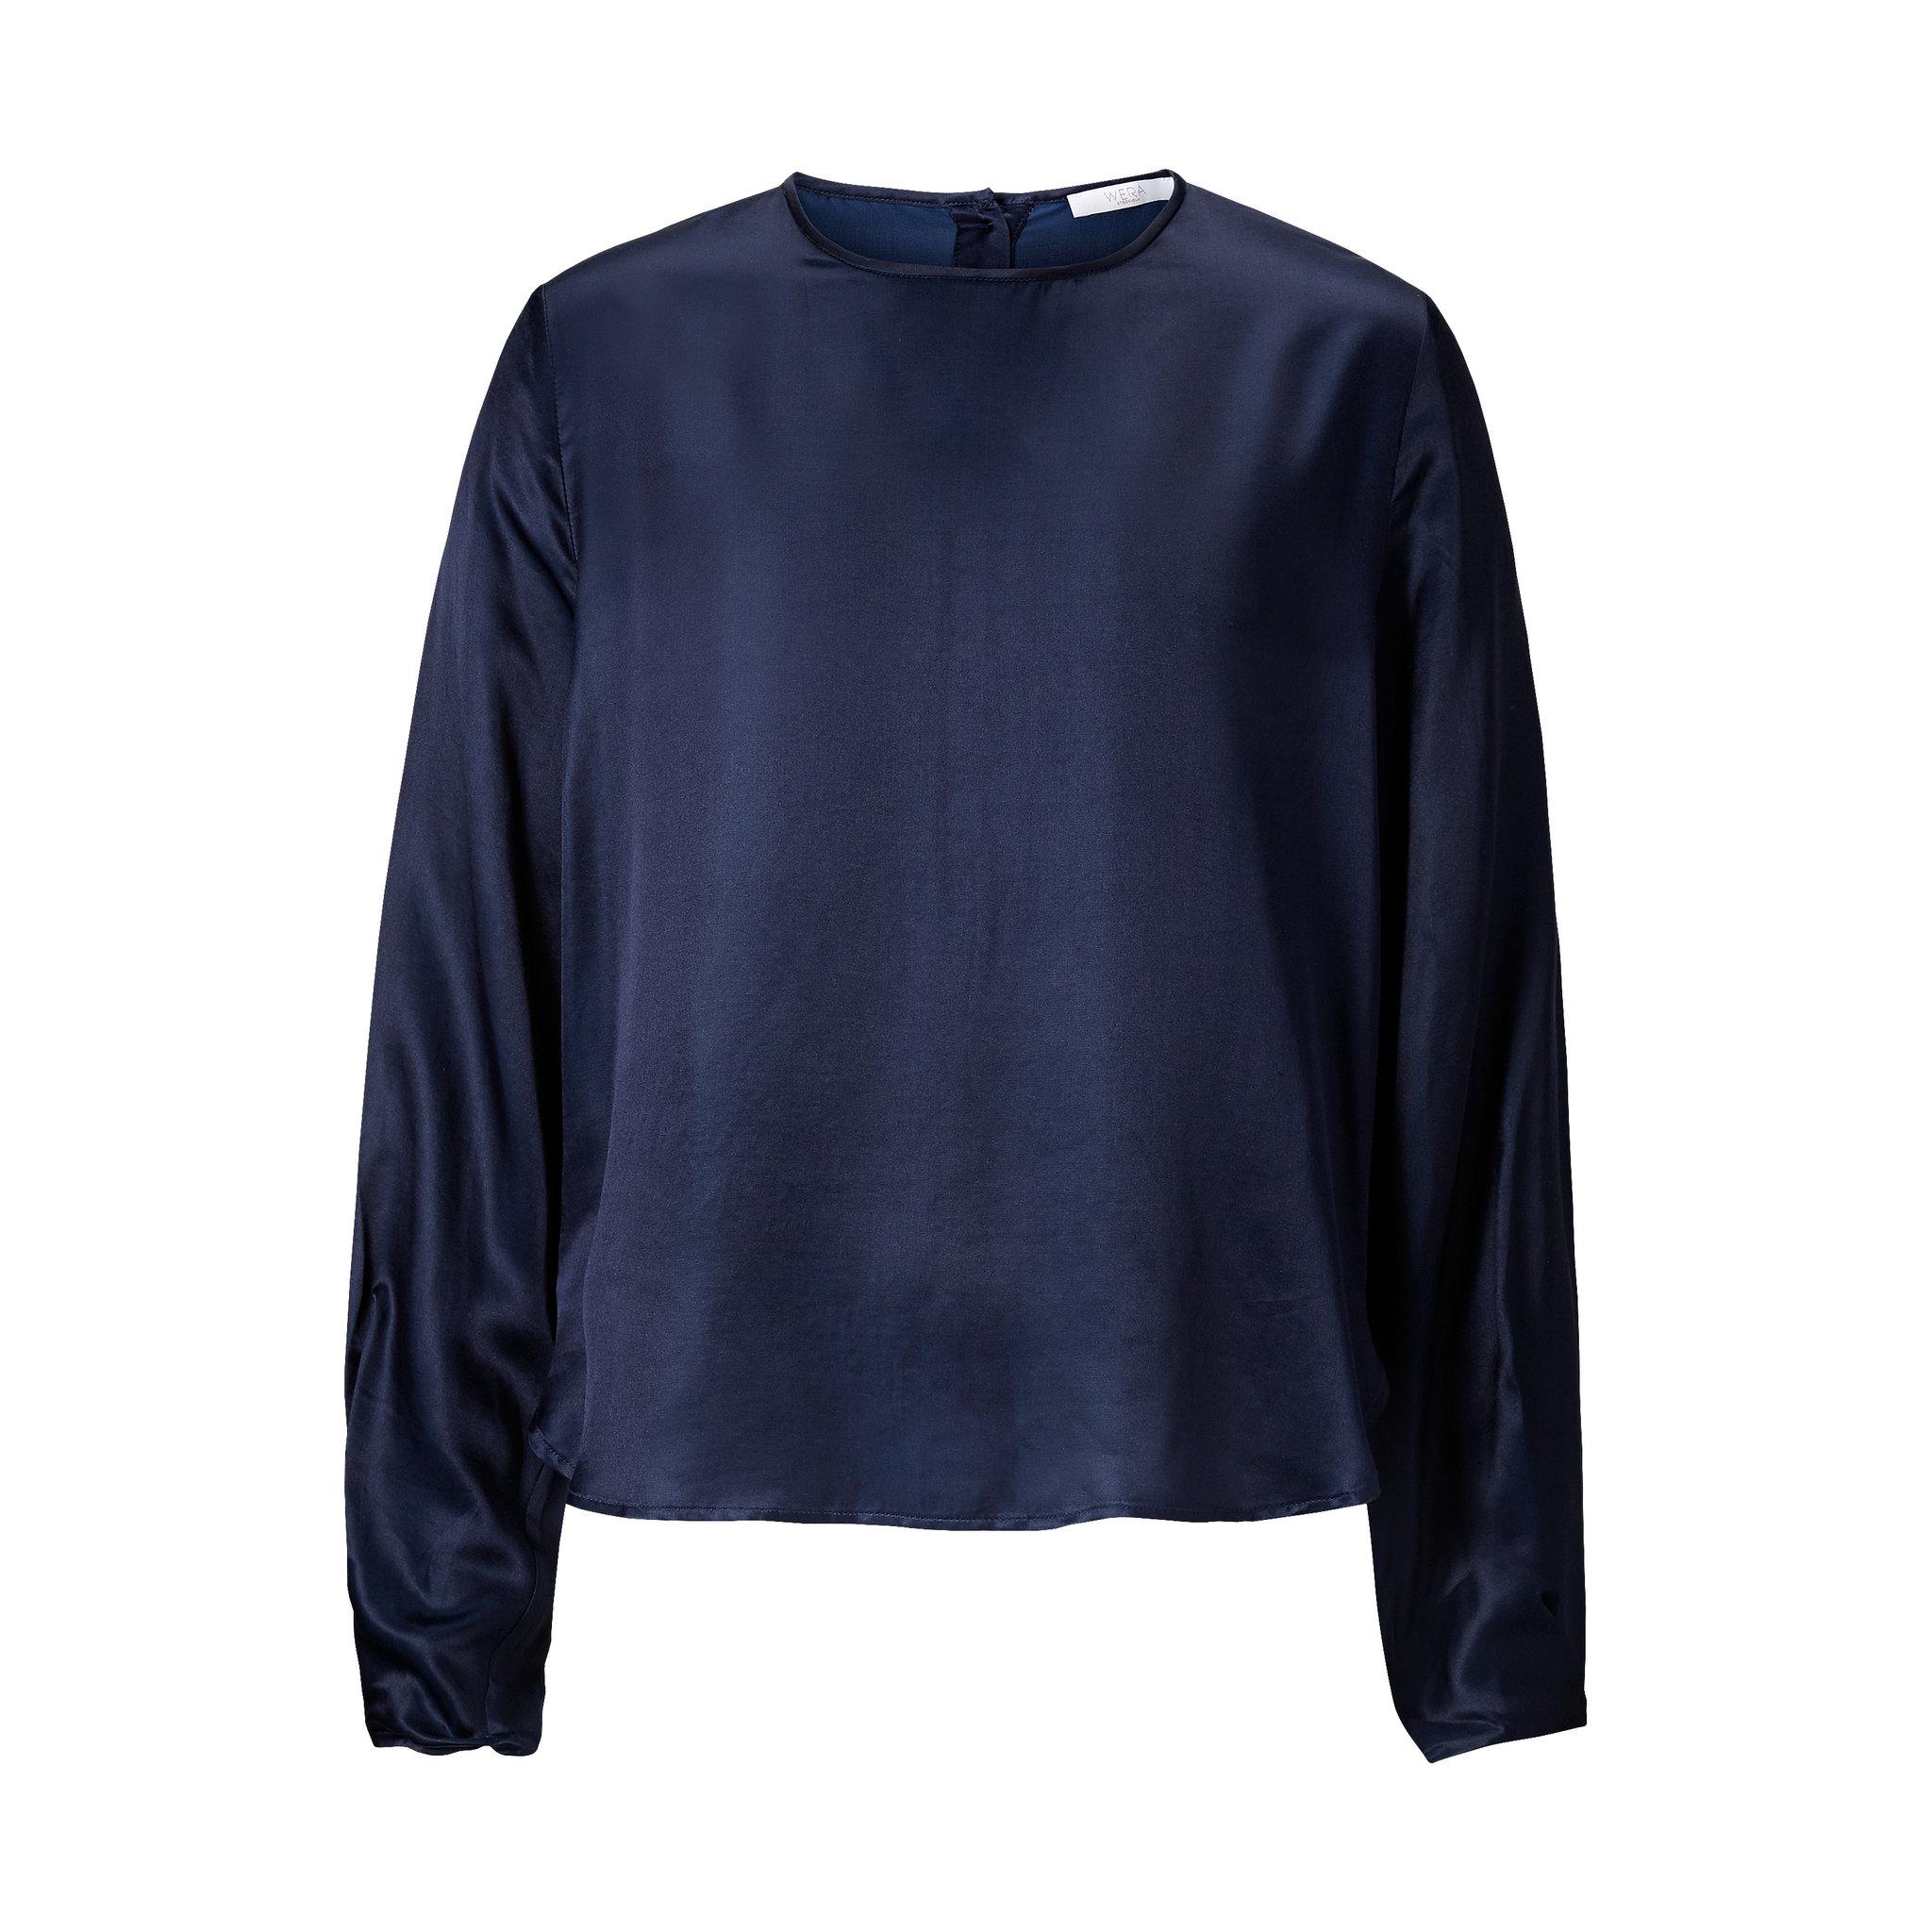 d5d603521472 Blus i silkesblandning - Blusar & skjortor - Köp online på åhlens.se!